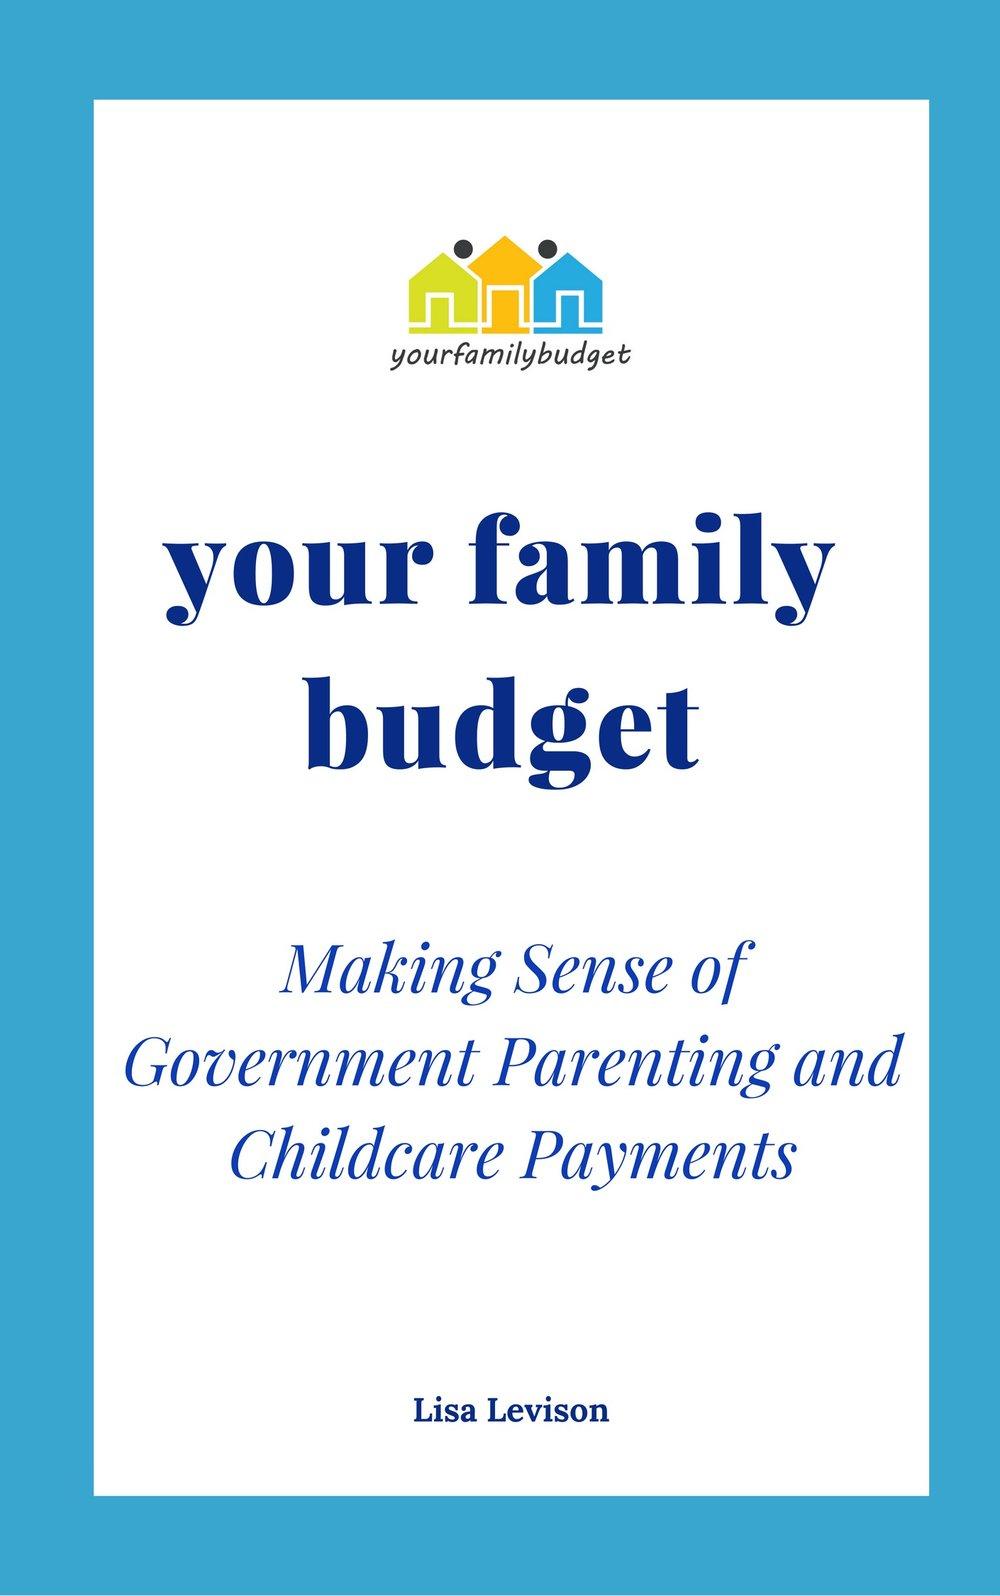 yourfamilybudget.jpg